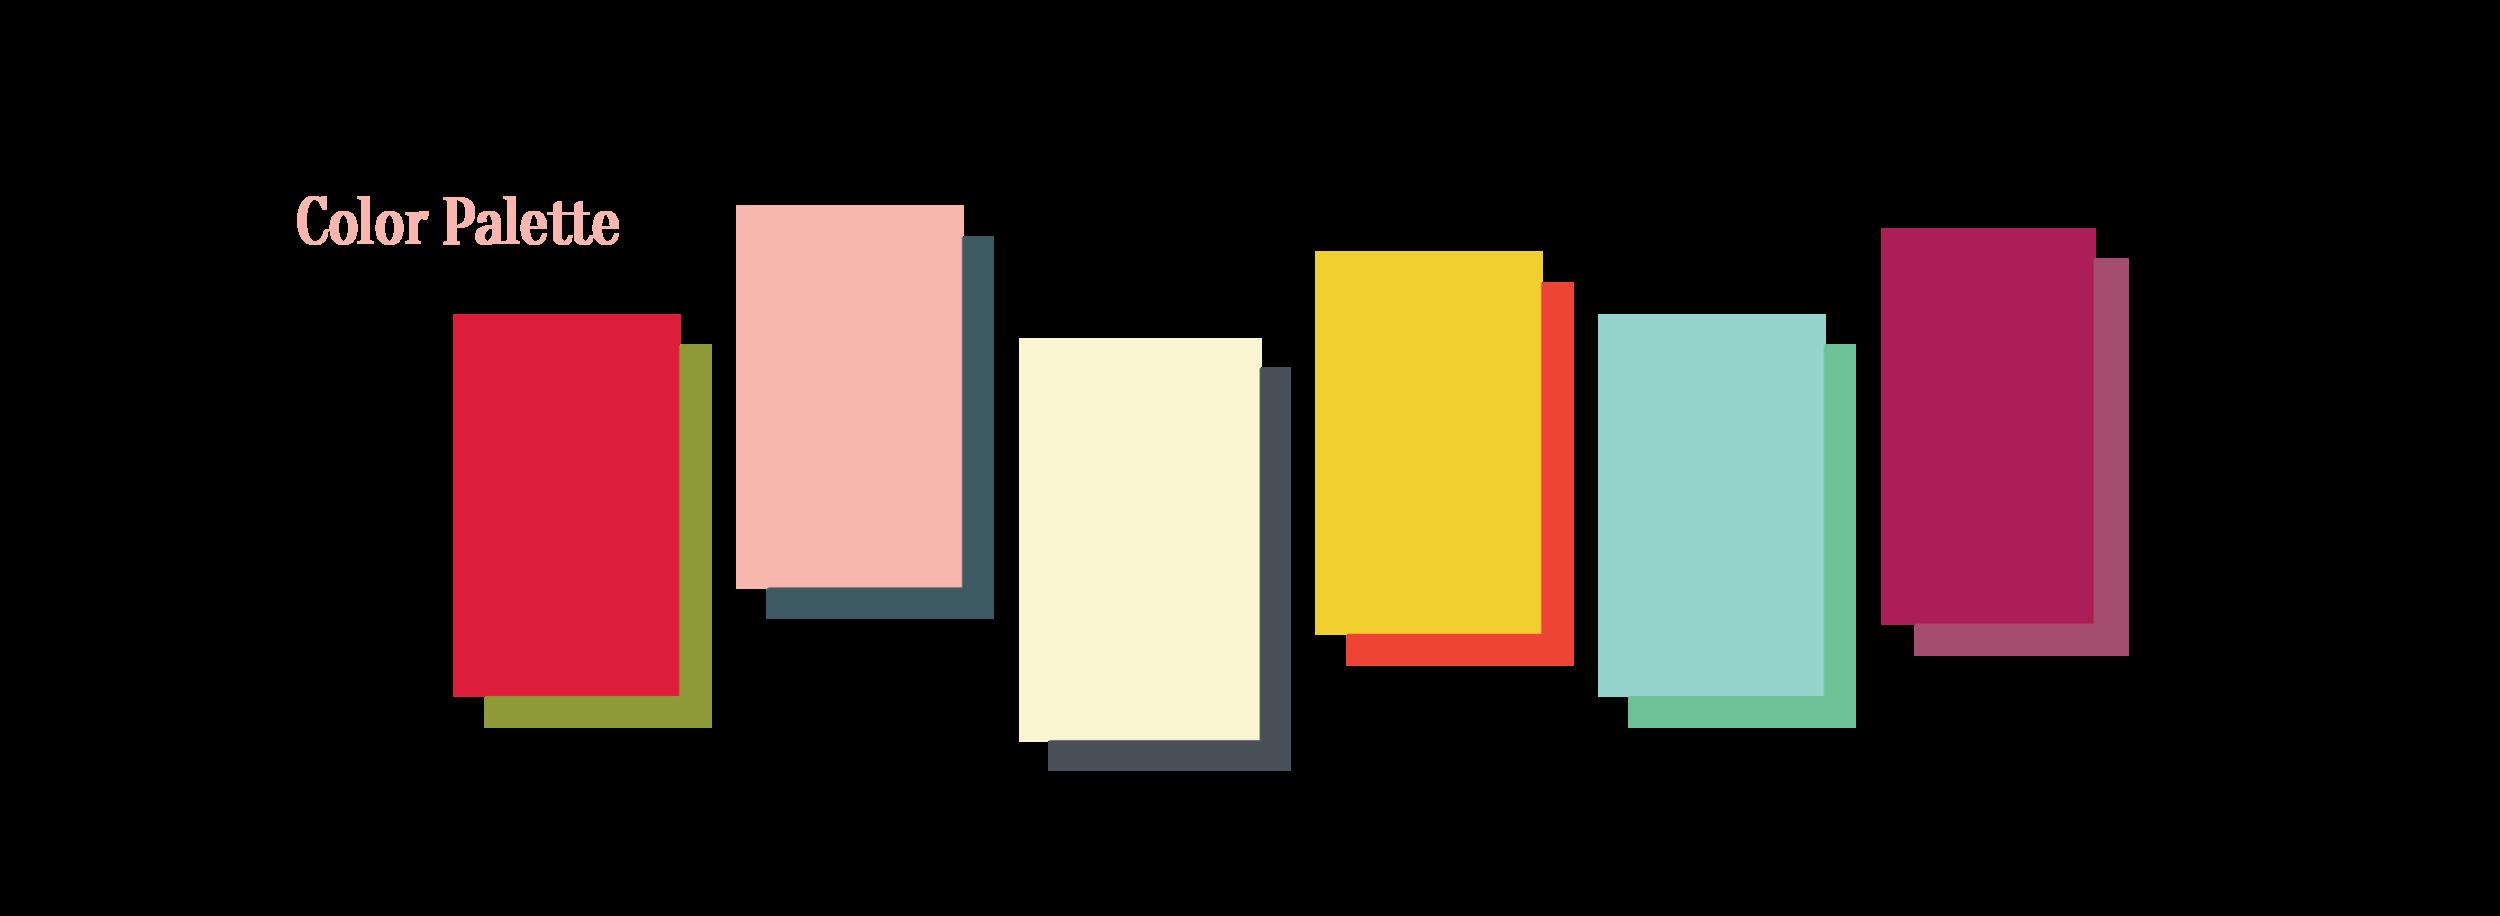 CaseStudyBrandBoard_JuneClever_Template_Color Palette.png